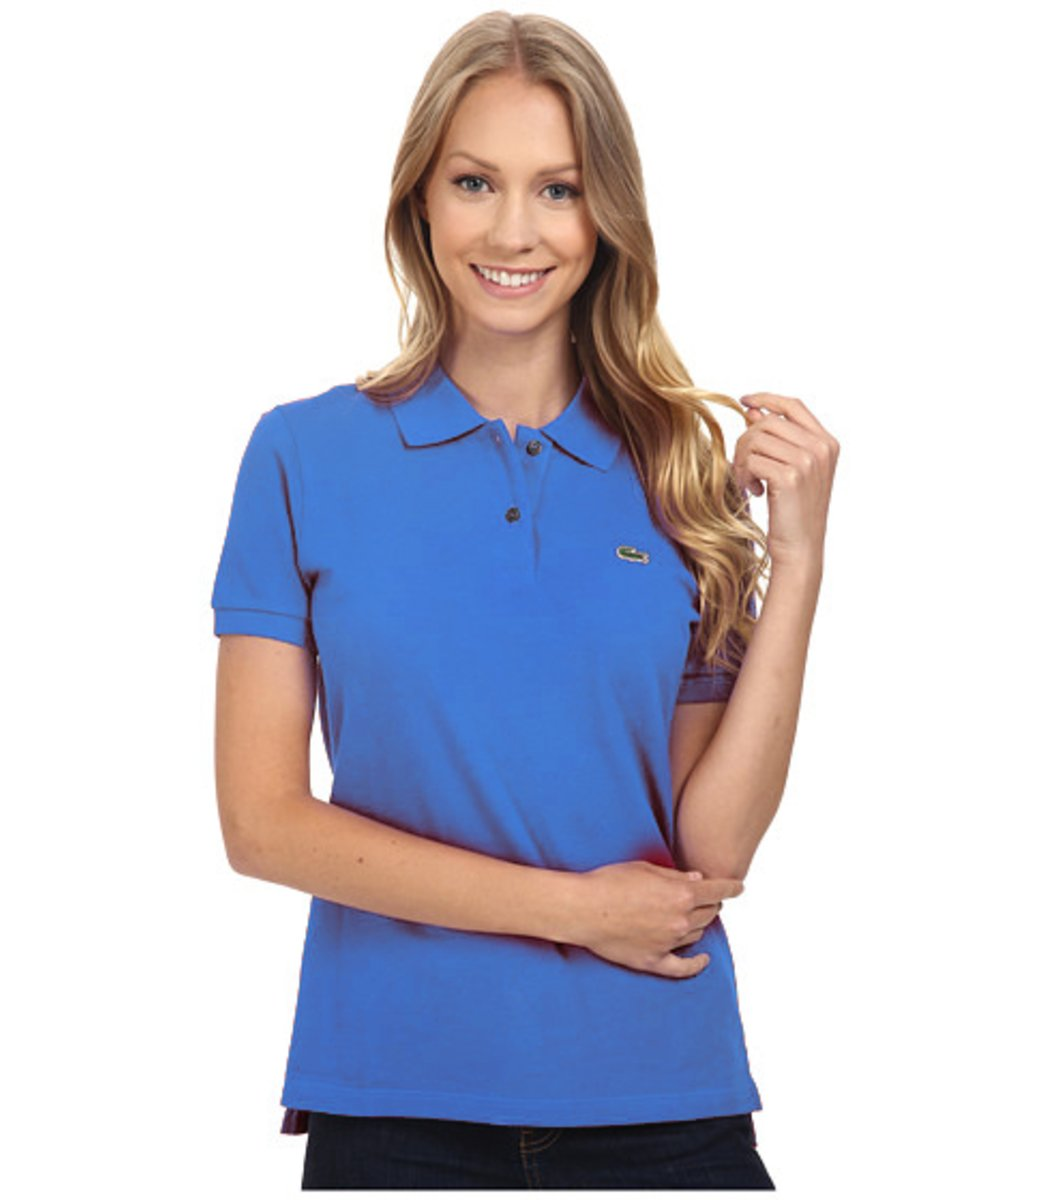 77d51dddae453 Купить женскую голубую футболку поло Lacoste в Москве